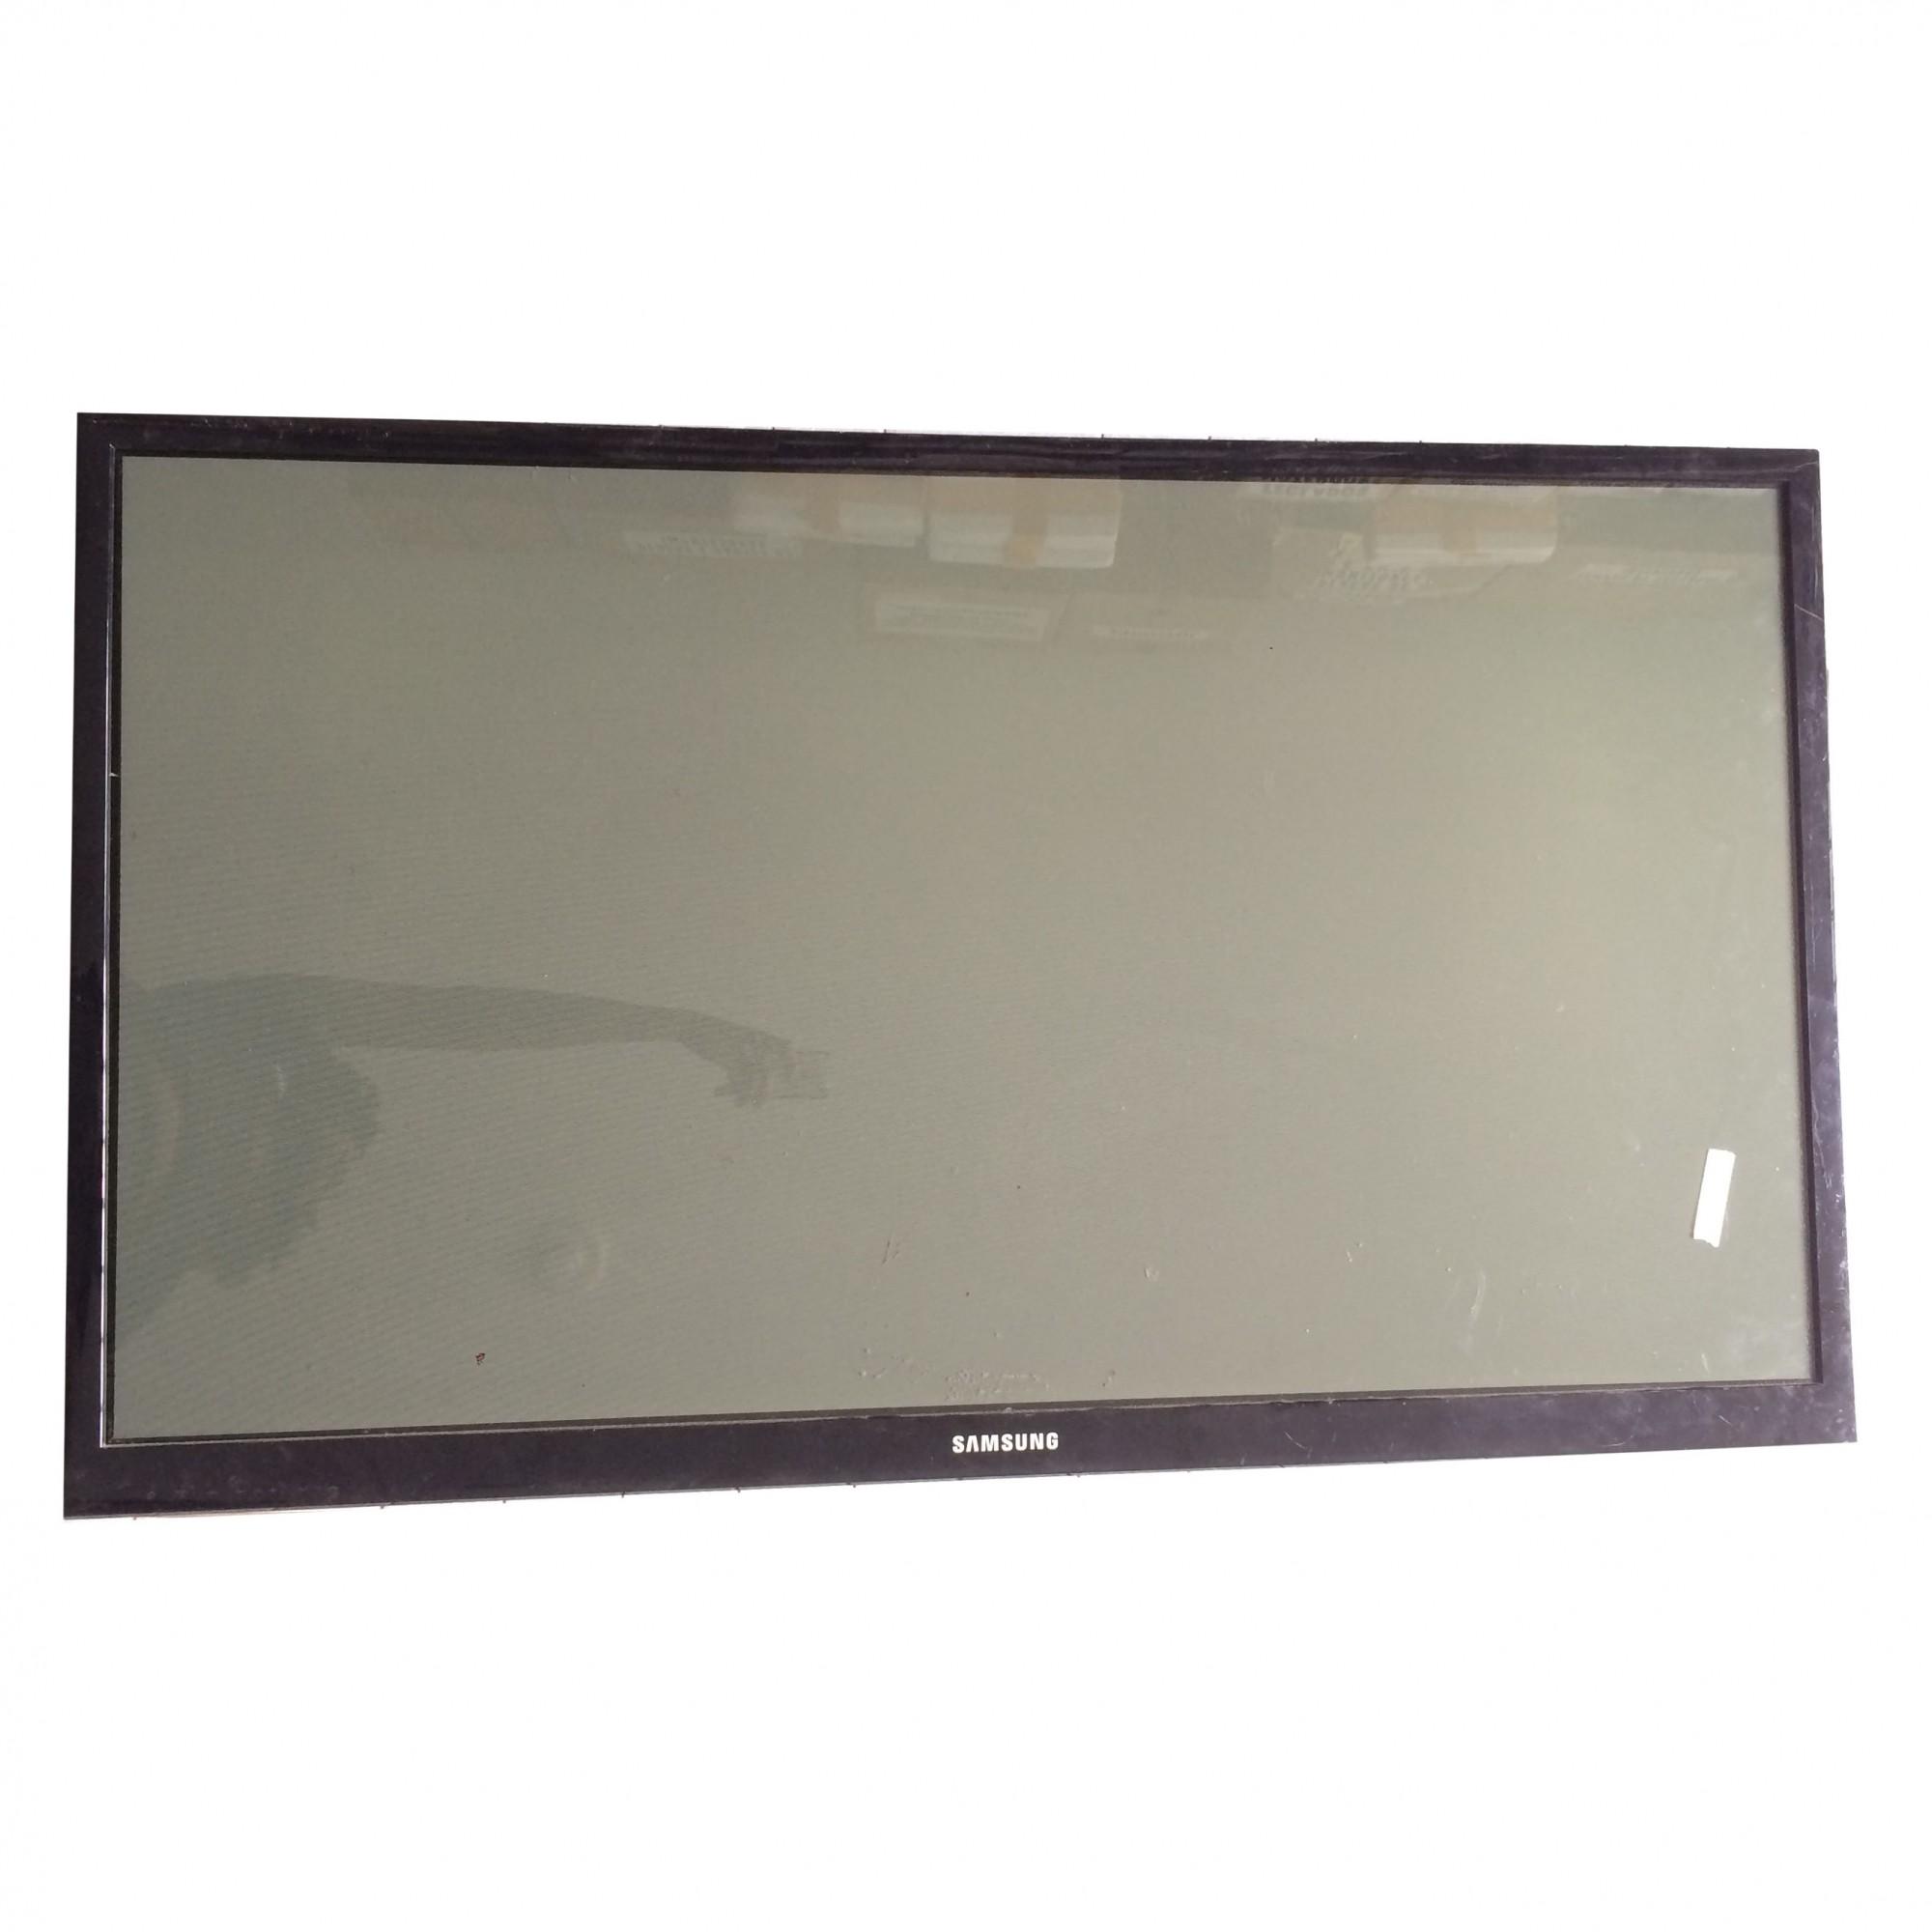 Tela Display TV Samsung Plasma 50'' PN: bn96-17357b   lj68-00206a - Retirado